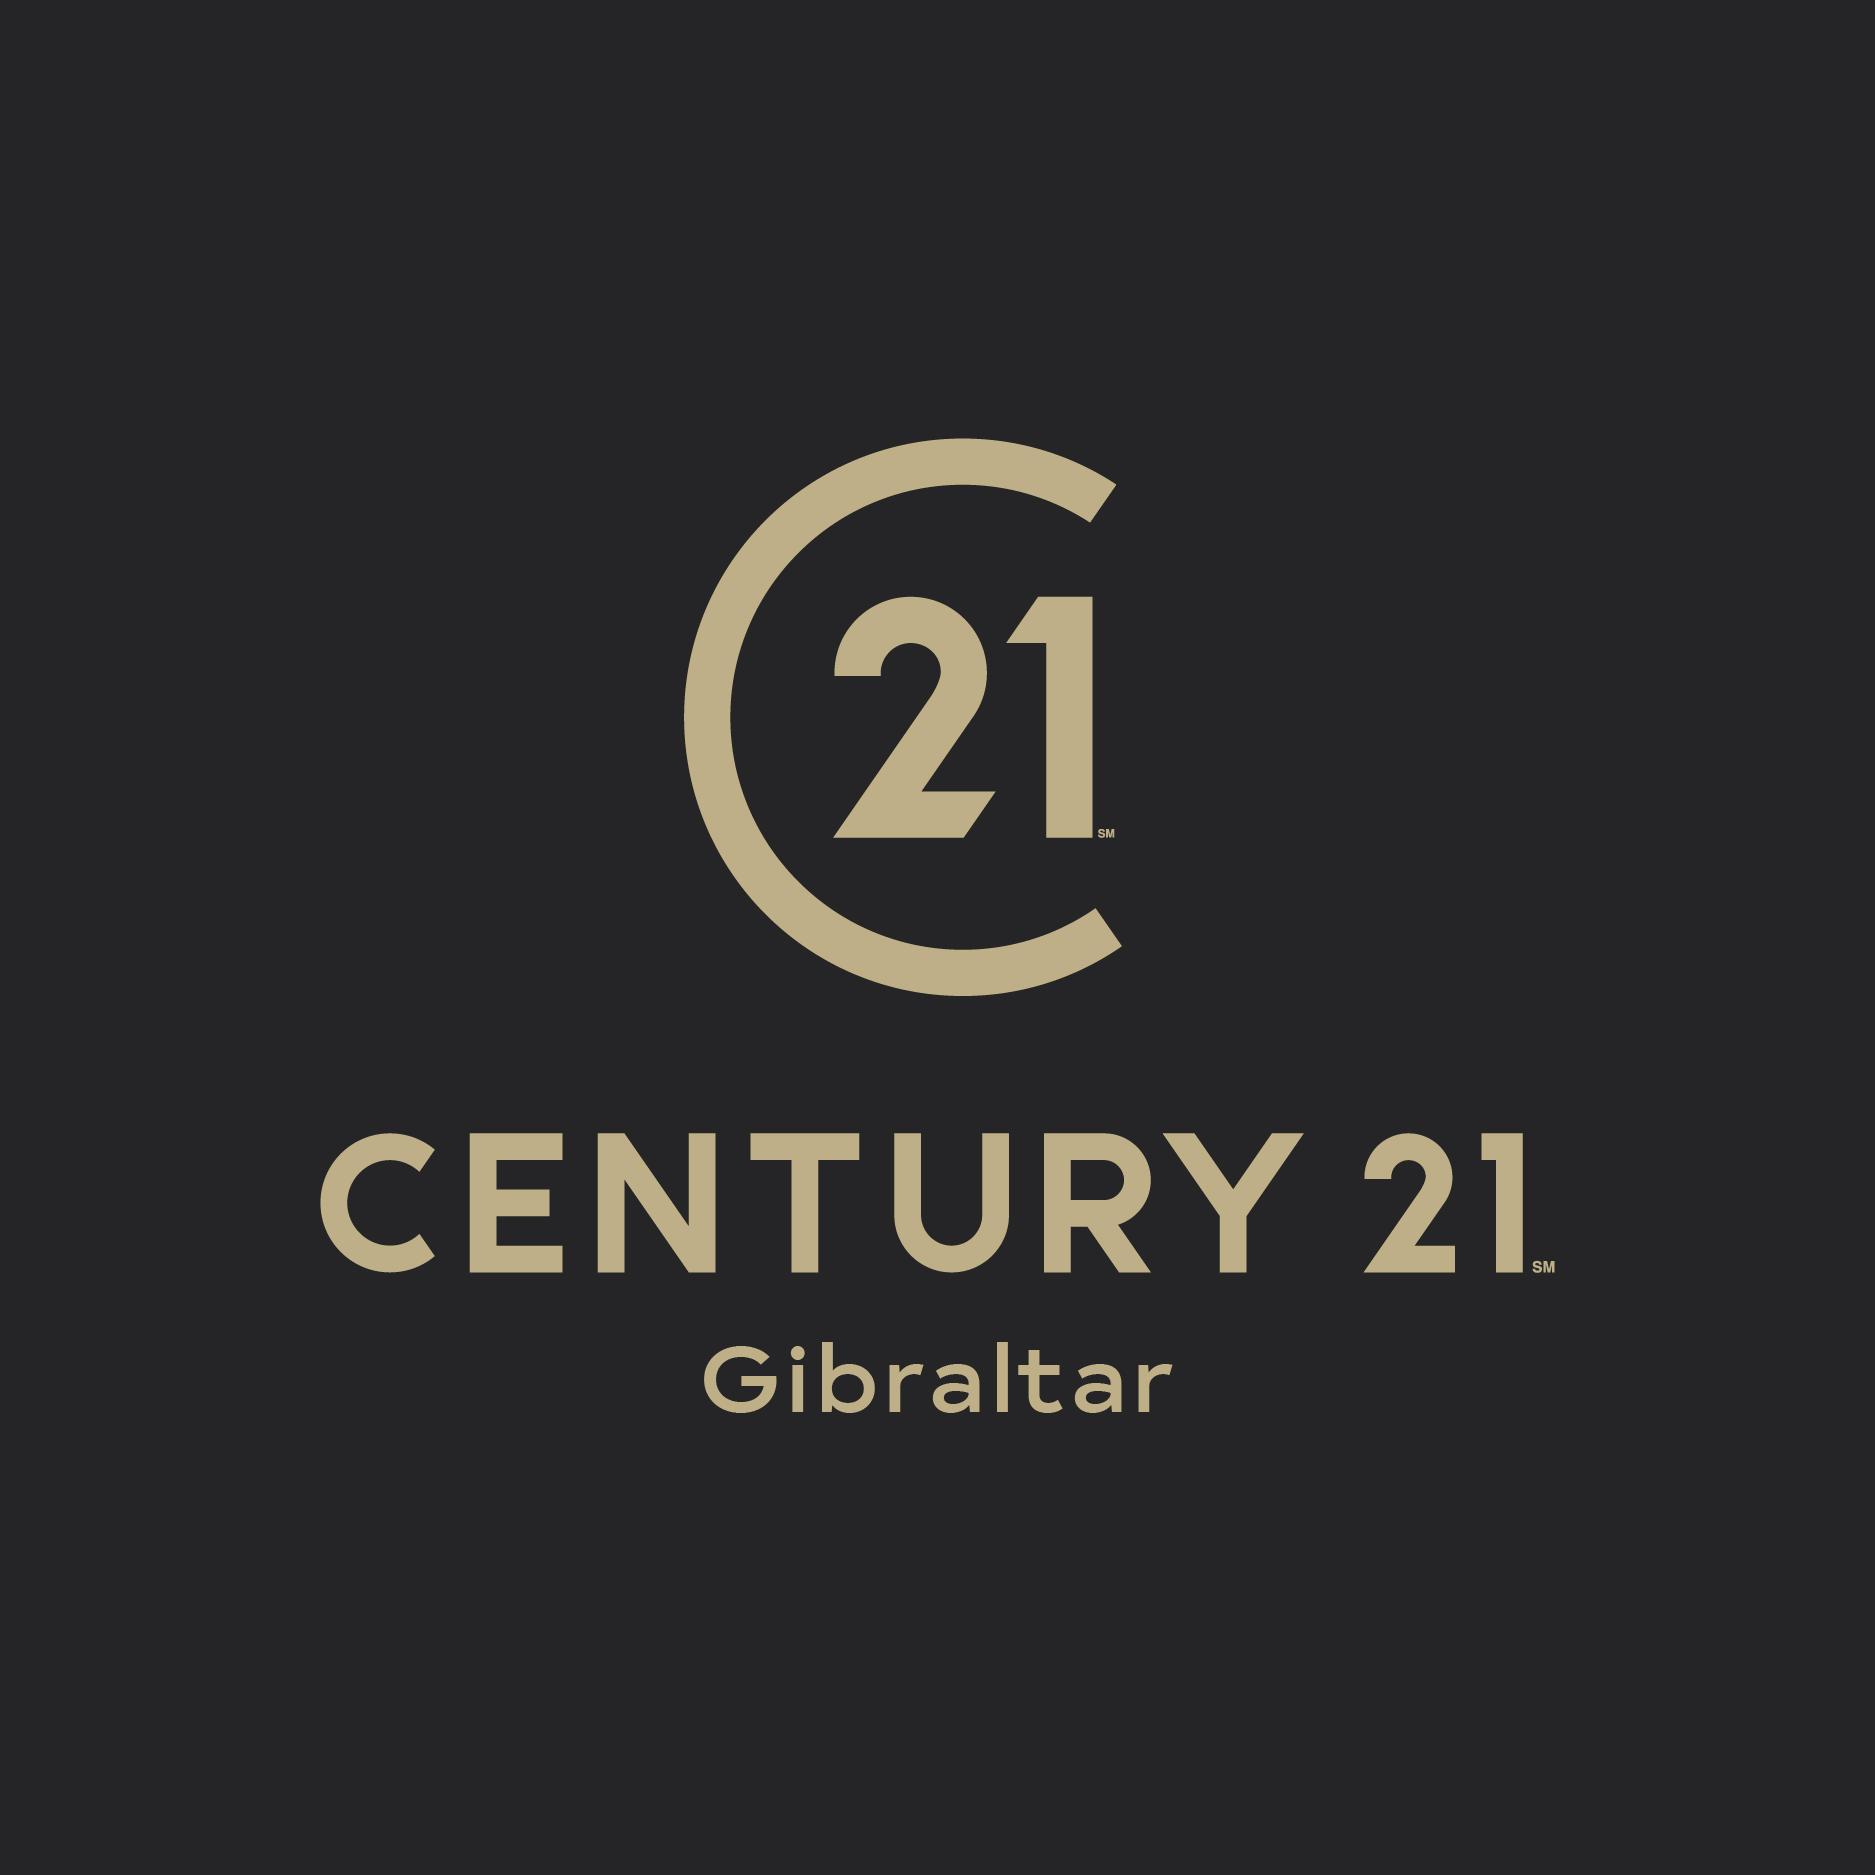 Century 21 - Gibraltar